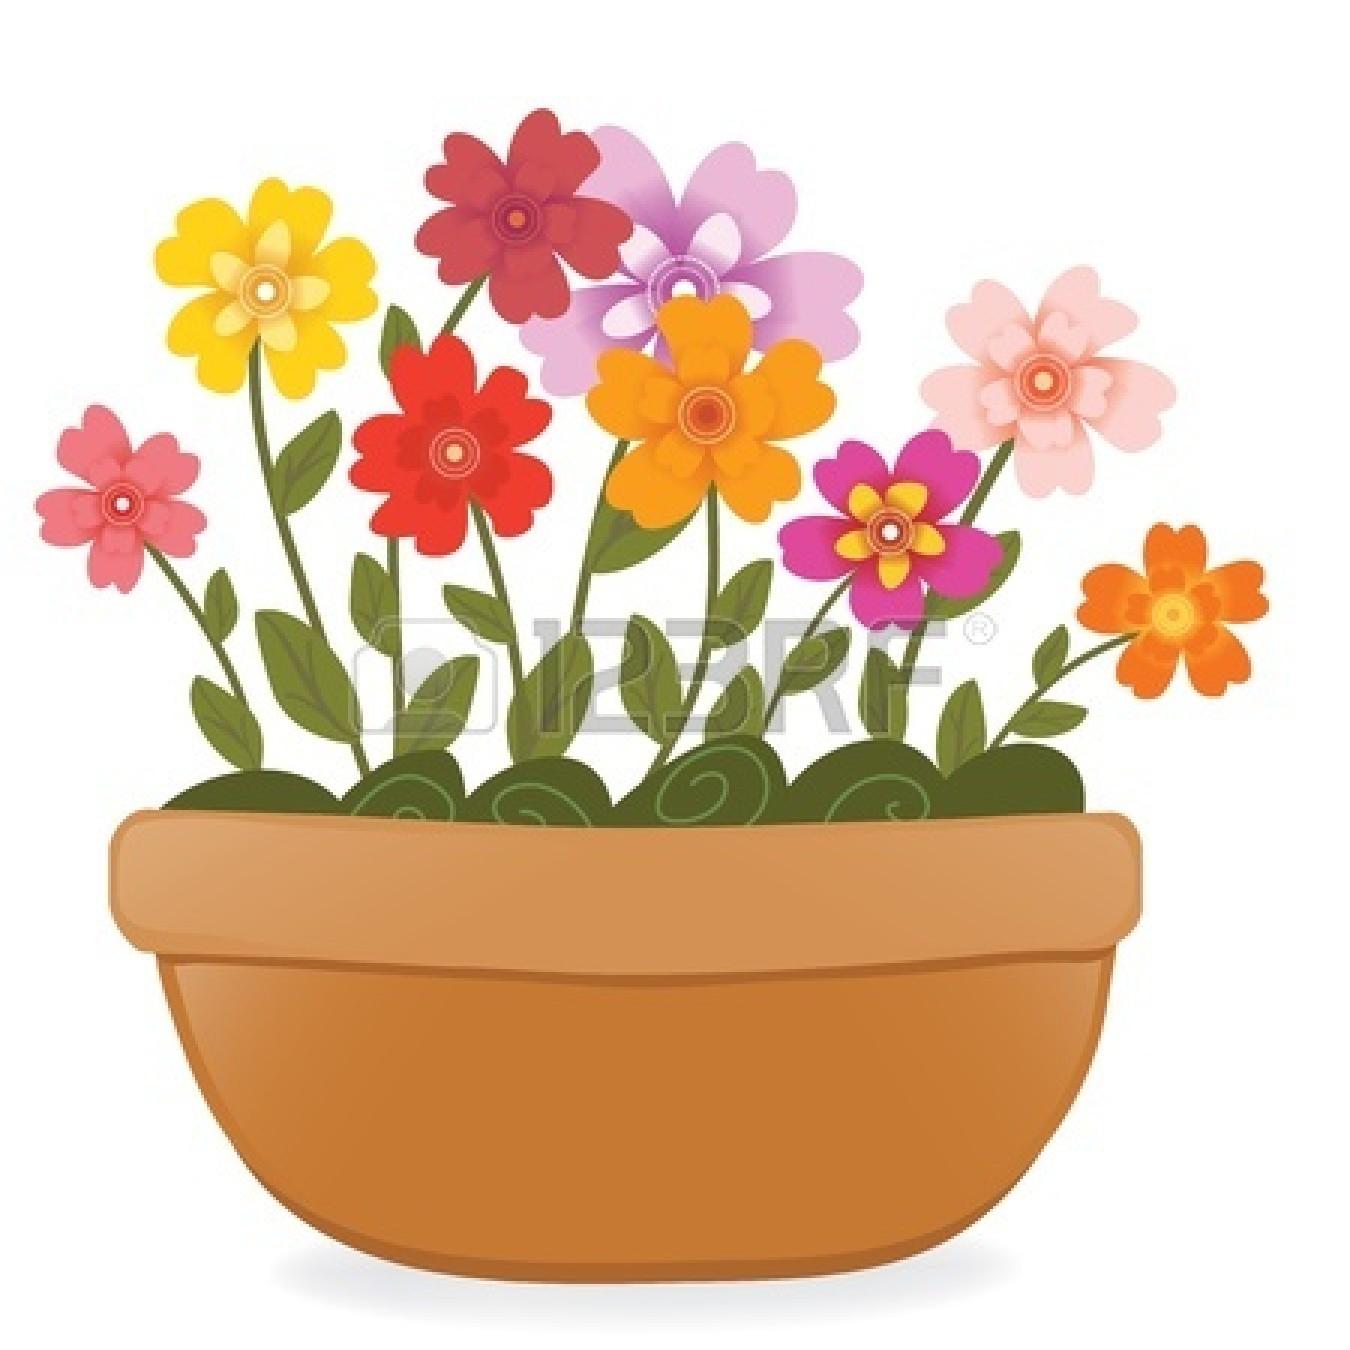 1350x1350 Flower Pot Clip Art Images Clipart